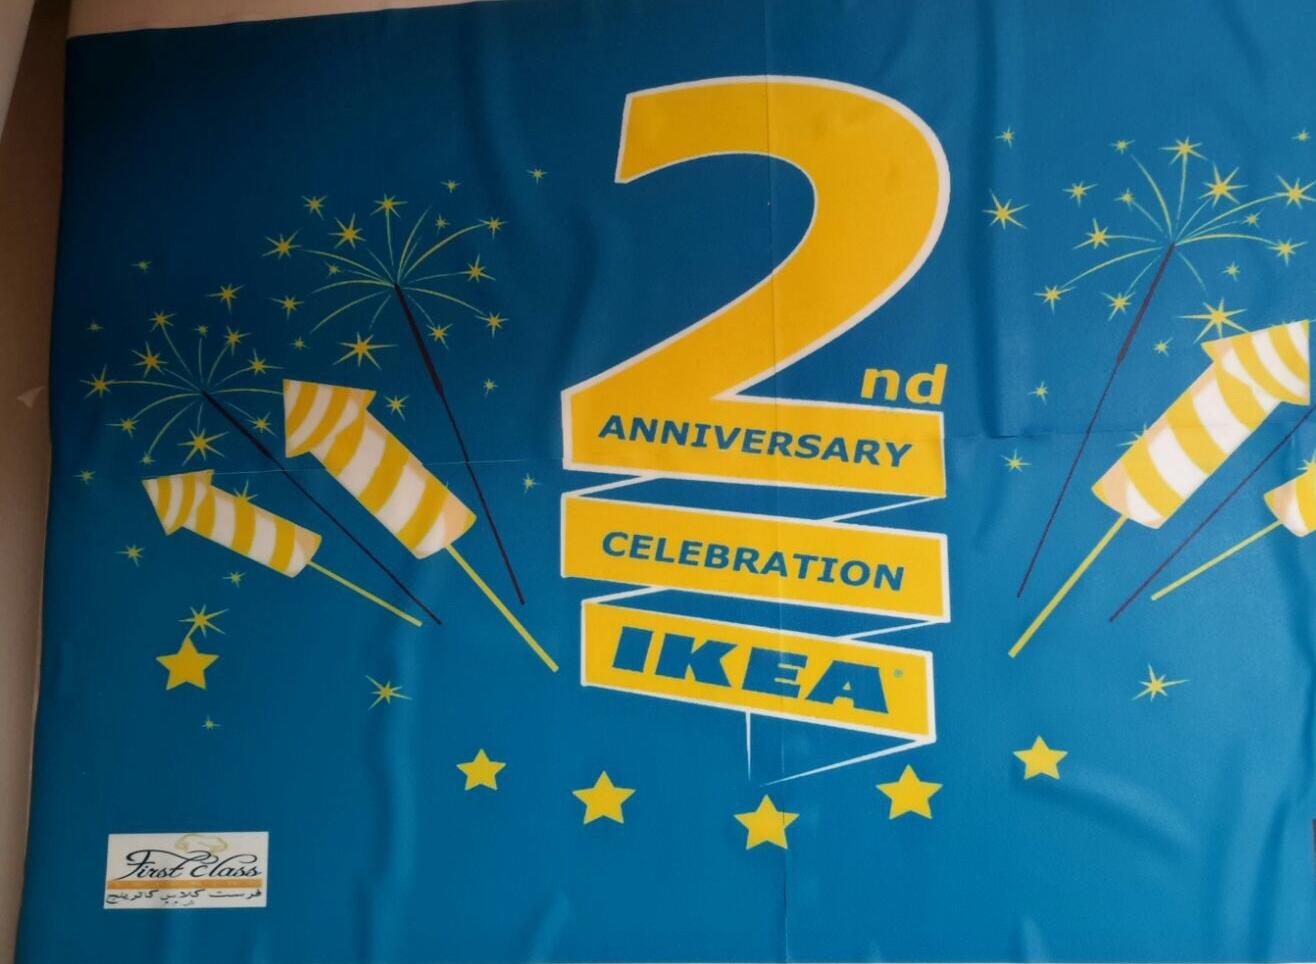 IKEA's 2nd Anniversary